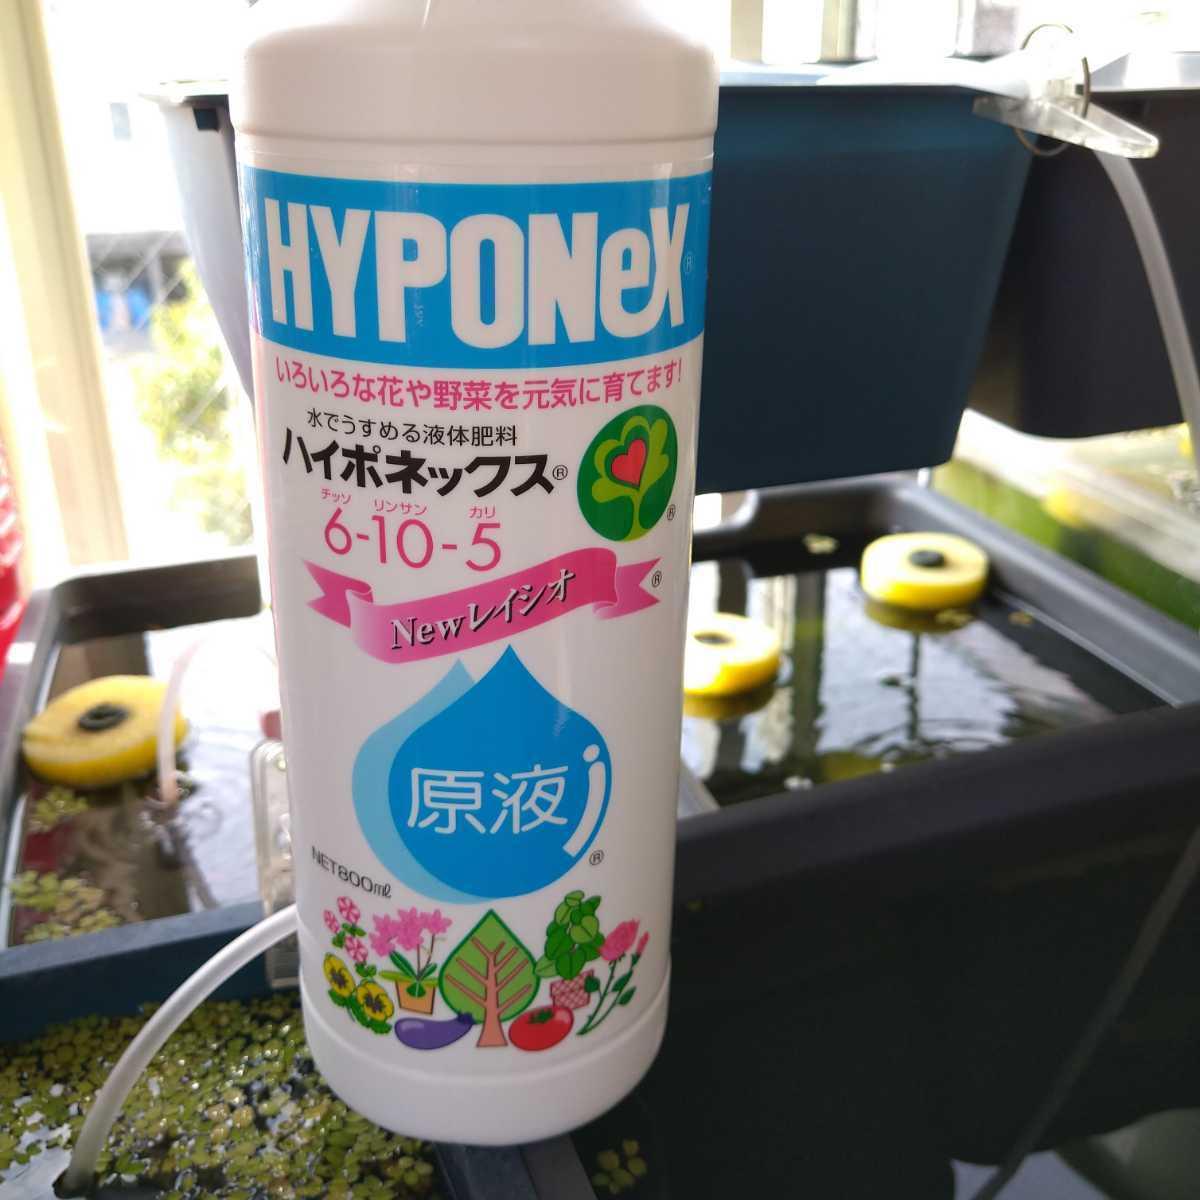 グリーンウォーター 促進剤 ハイポネックス30ml 150㍑分のグリーンウォーターを格安最速で作れる 錦鯉 メダカ の栄養源 稚魚 ミジンコの餌_画像2